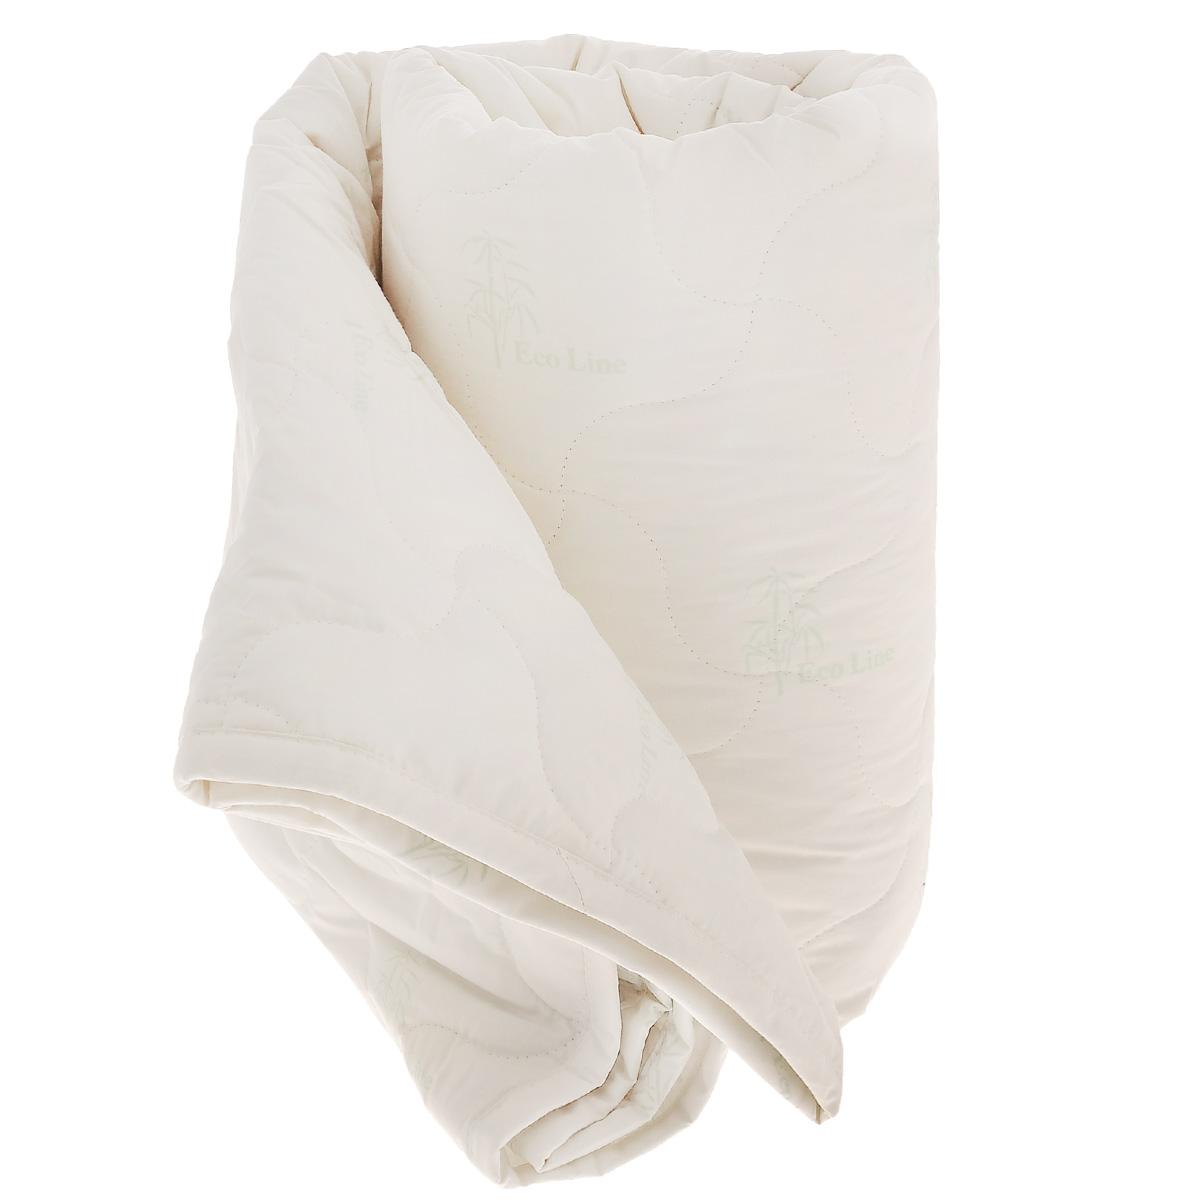 Одеяло La Prima Бамбук, наполнитель: бамбук, полиэфирное волокно, цвет: бежевый, 140 см х 205 см1011/0222814/100Одеяло La Prima Бамбук - лучшим выбором для комфортного и здорового сна и отдыха. Чехол выполнен из 100% хлопка - тика ECO Line. Наполнитель - бамбуковое волокно. Бамбуковое волокно - натуральный растительный наполнитель, обеспечивающий комфорт и здоровый сон. Уникальная пористая структура волокна позволяет свободно дышать - создает эффект свежести во время сна. Одеяло обладает естественными антибактериальными свойствами, успокаивает и восстанавливает во время сна, гипоаллергенно. Материал чехла: 100% хлопок. Наполнитель: 40% бамбук, 60% полиэфирное волокно. Размер: 140 см х 205 см.